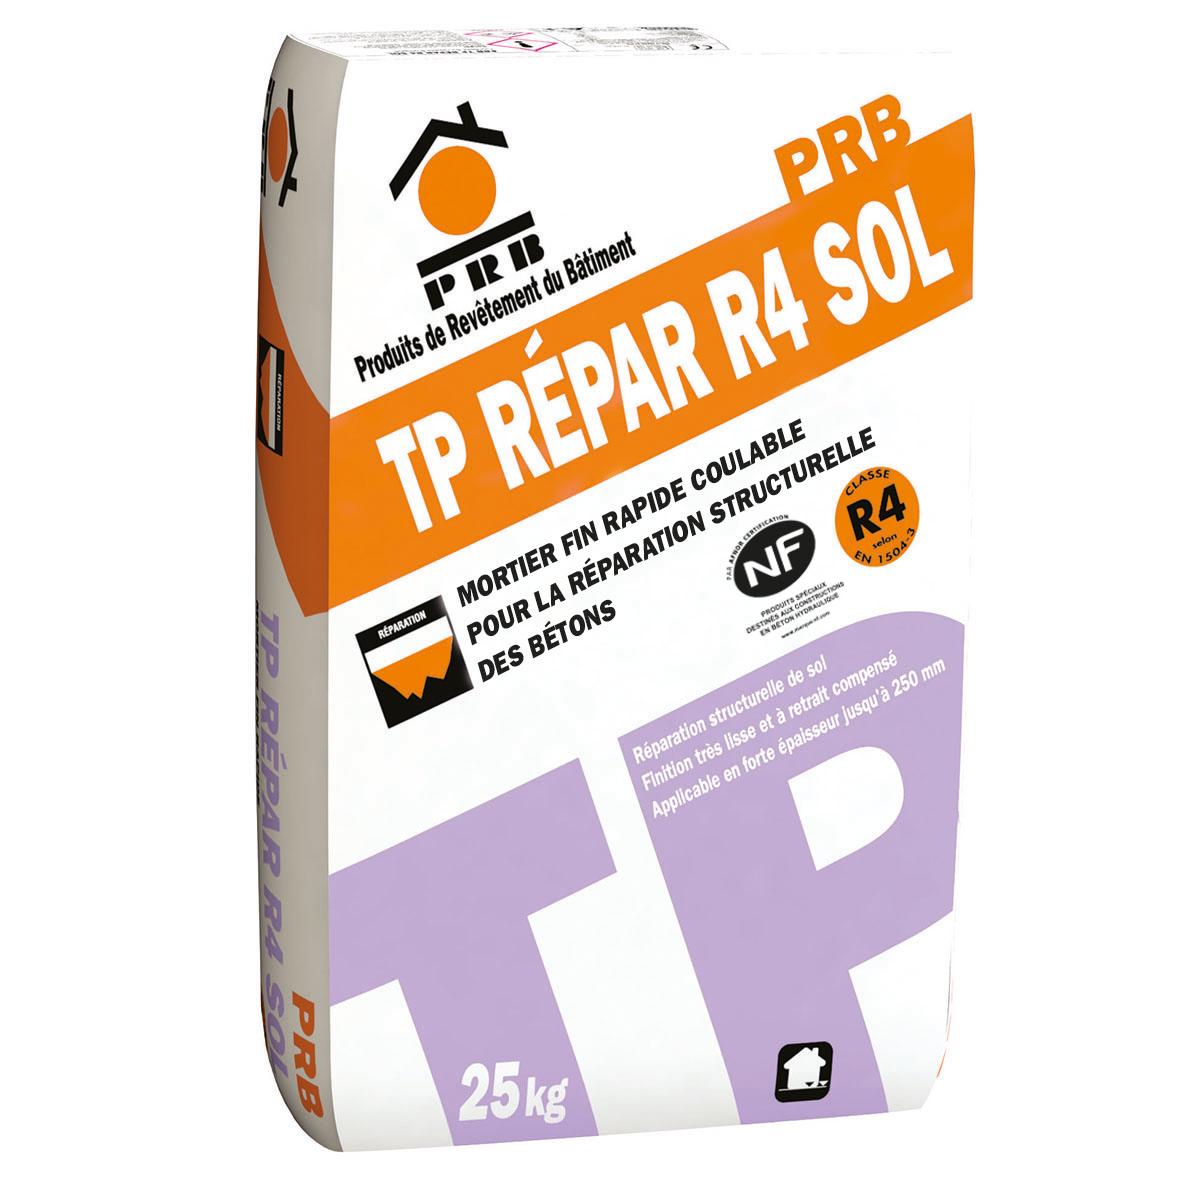 PRB TP REPAR R4 SOL 25 KG